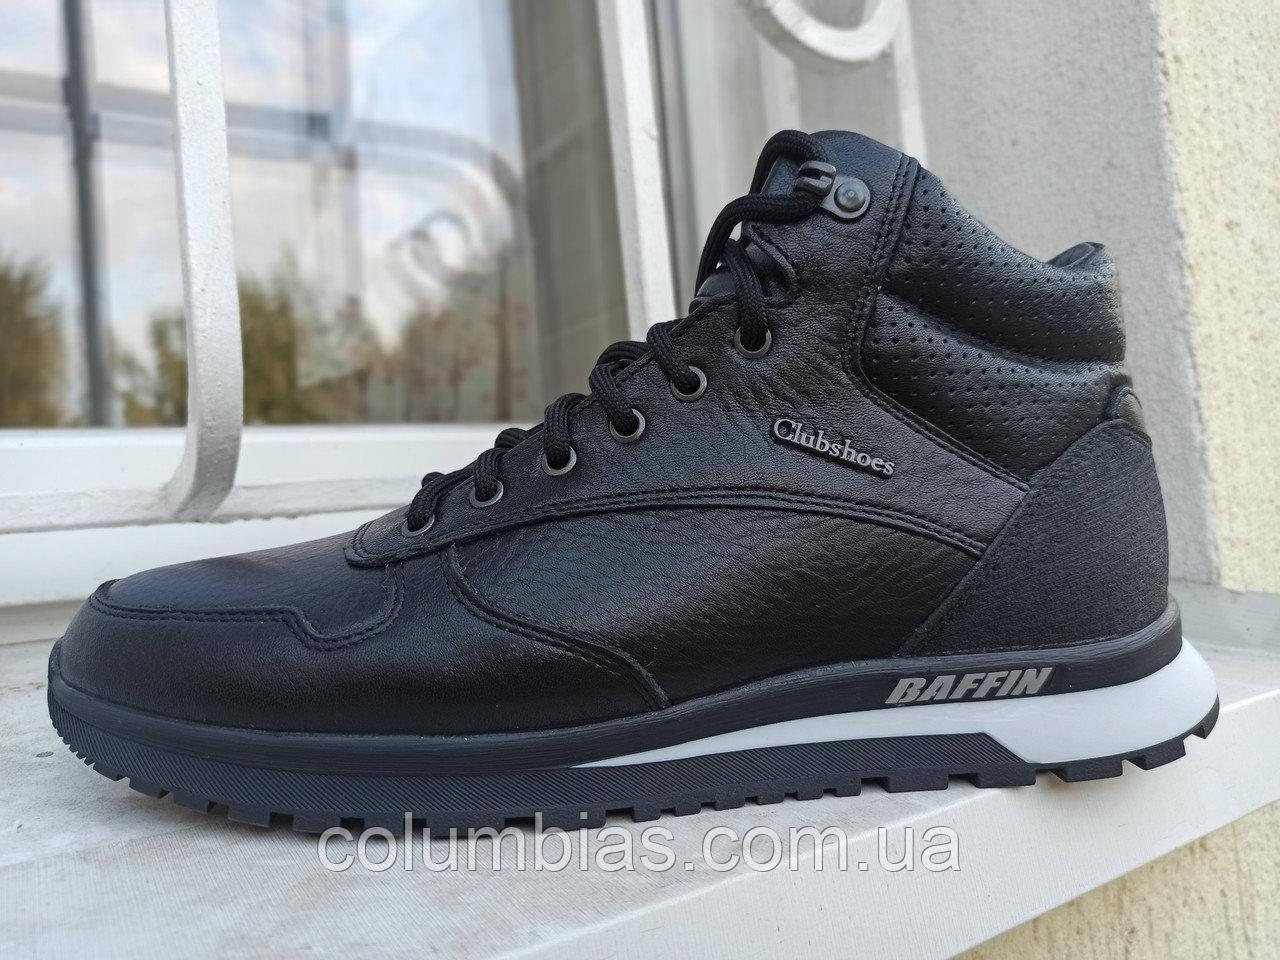 Зимняя мужская обувь, ботинки snoy boots baffin, чёрные кожаные